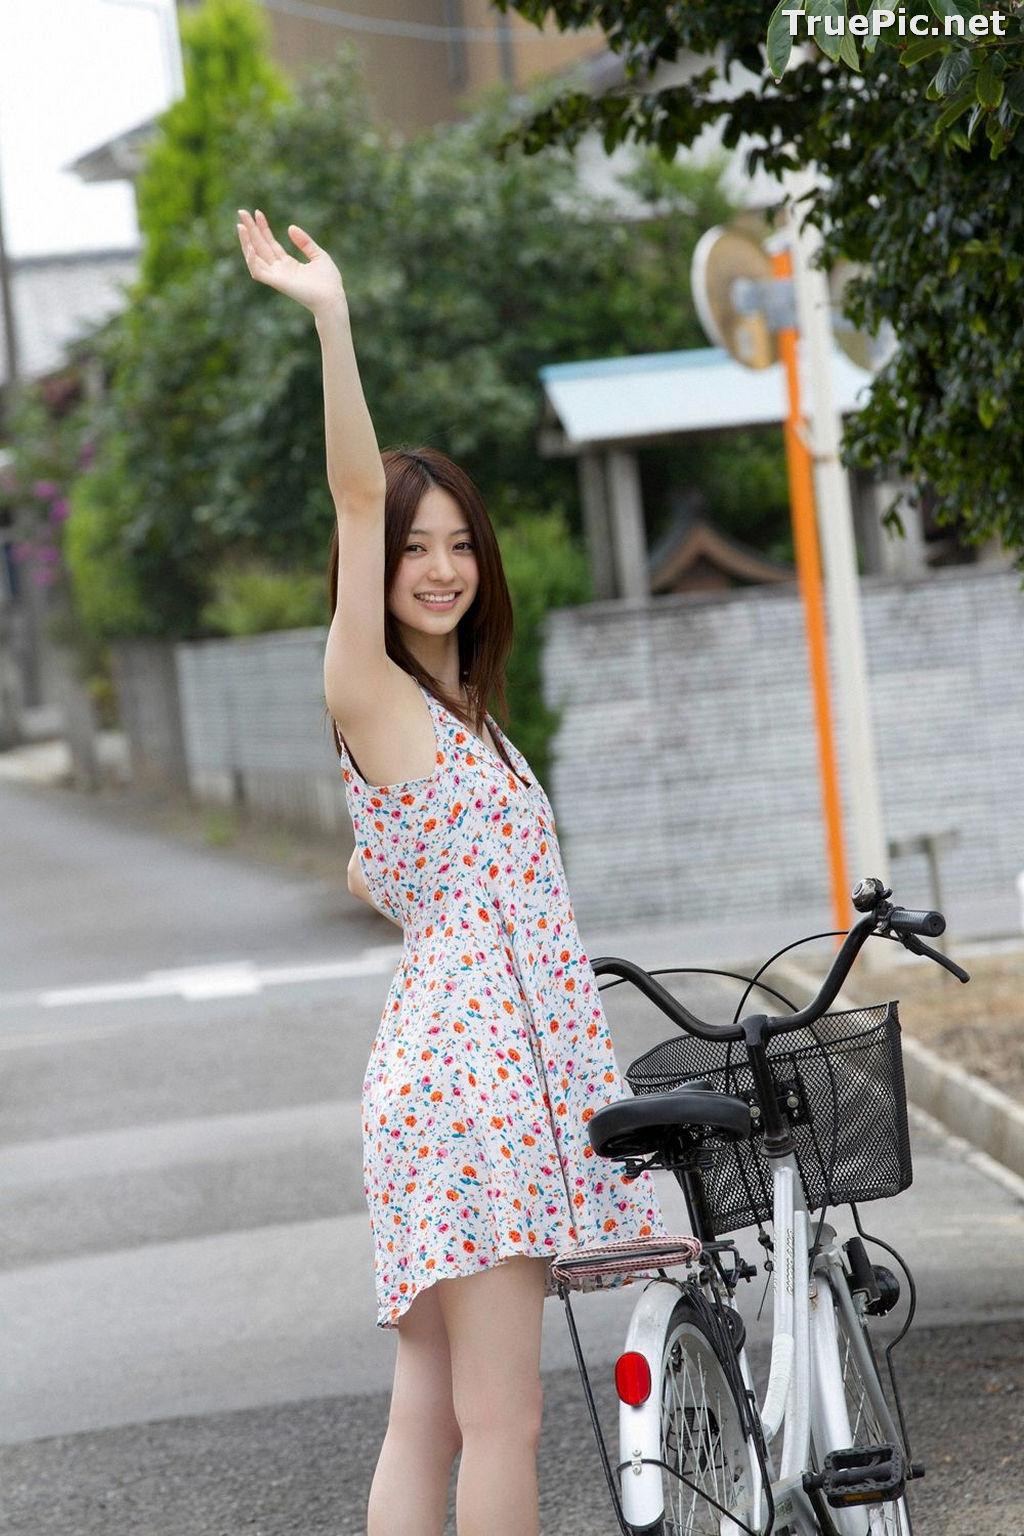 Image YS Web Vol.497 - Japanese Actress and Gravure Idol - Rina Aizawa - TruePic.net - Picture-10